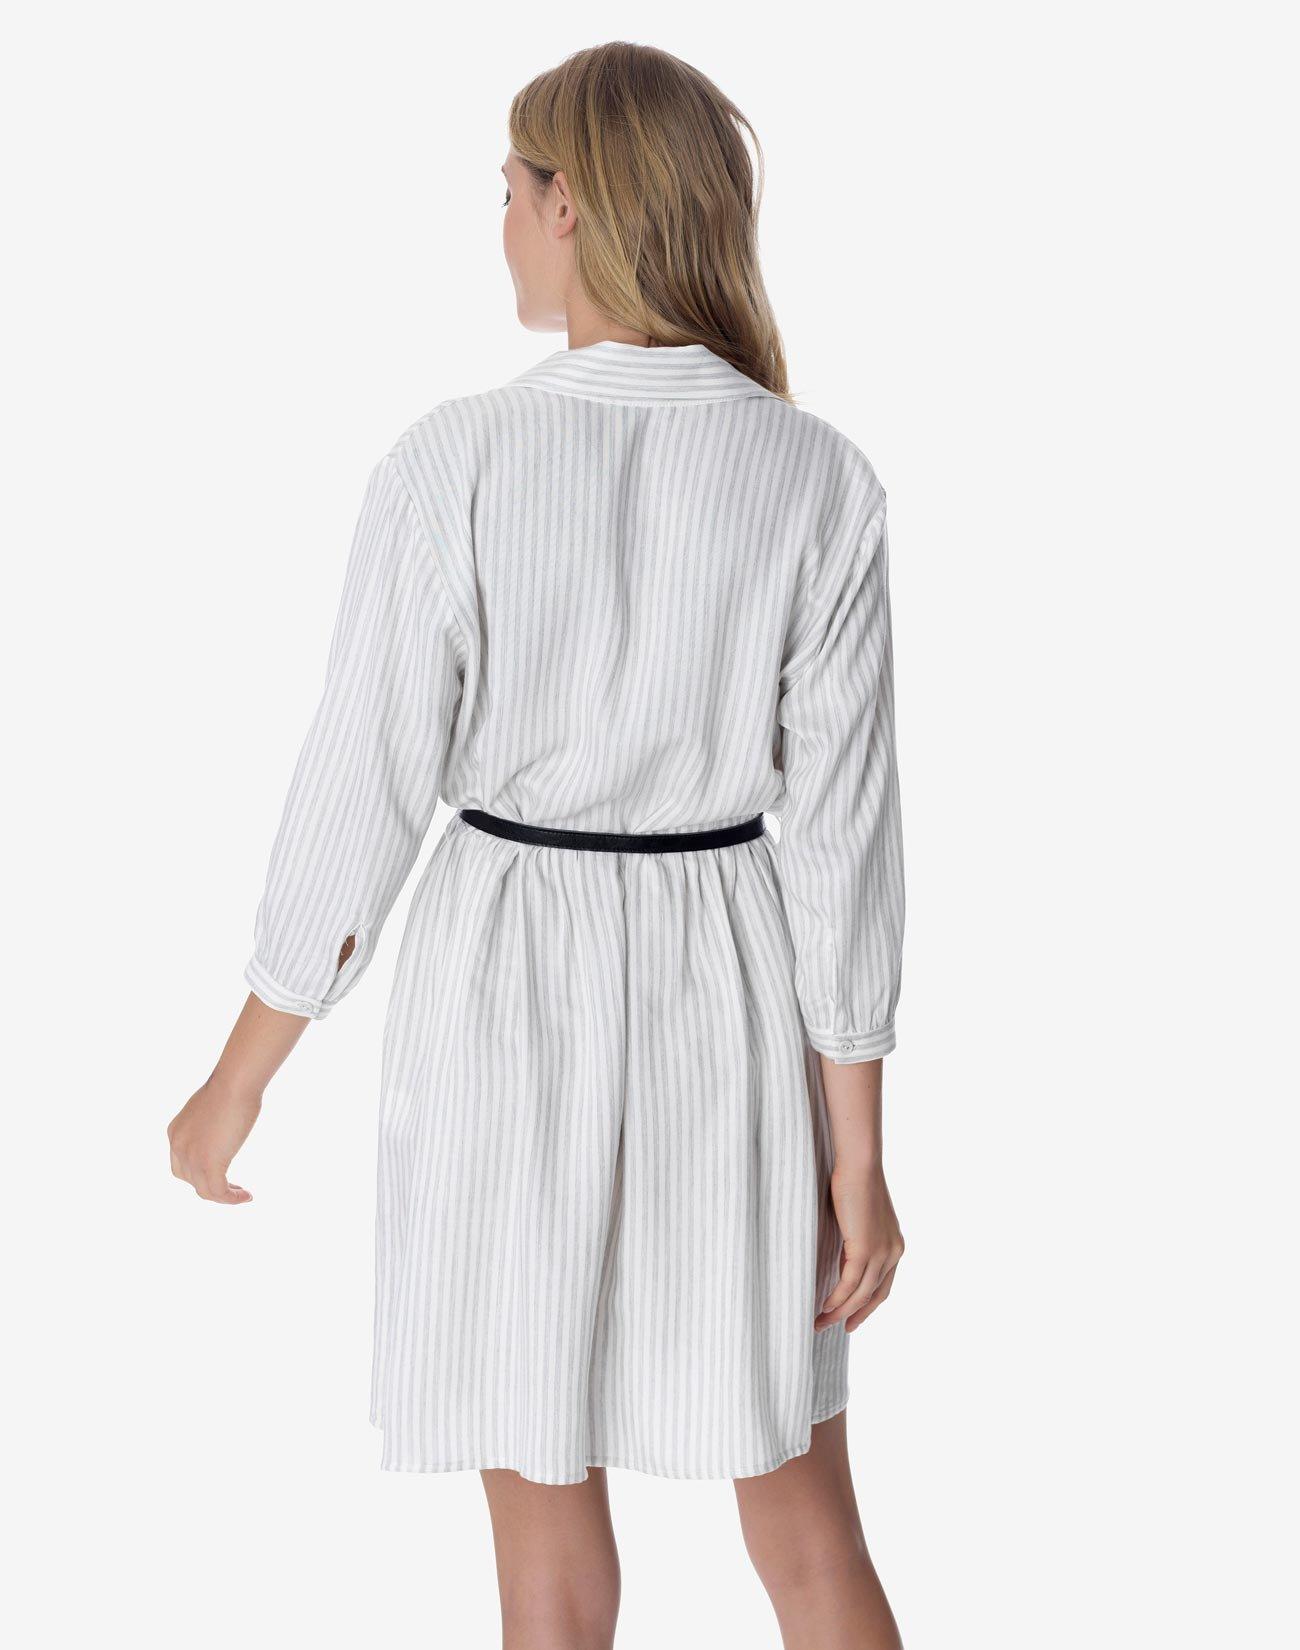 Striped mini shirt dress